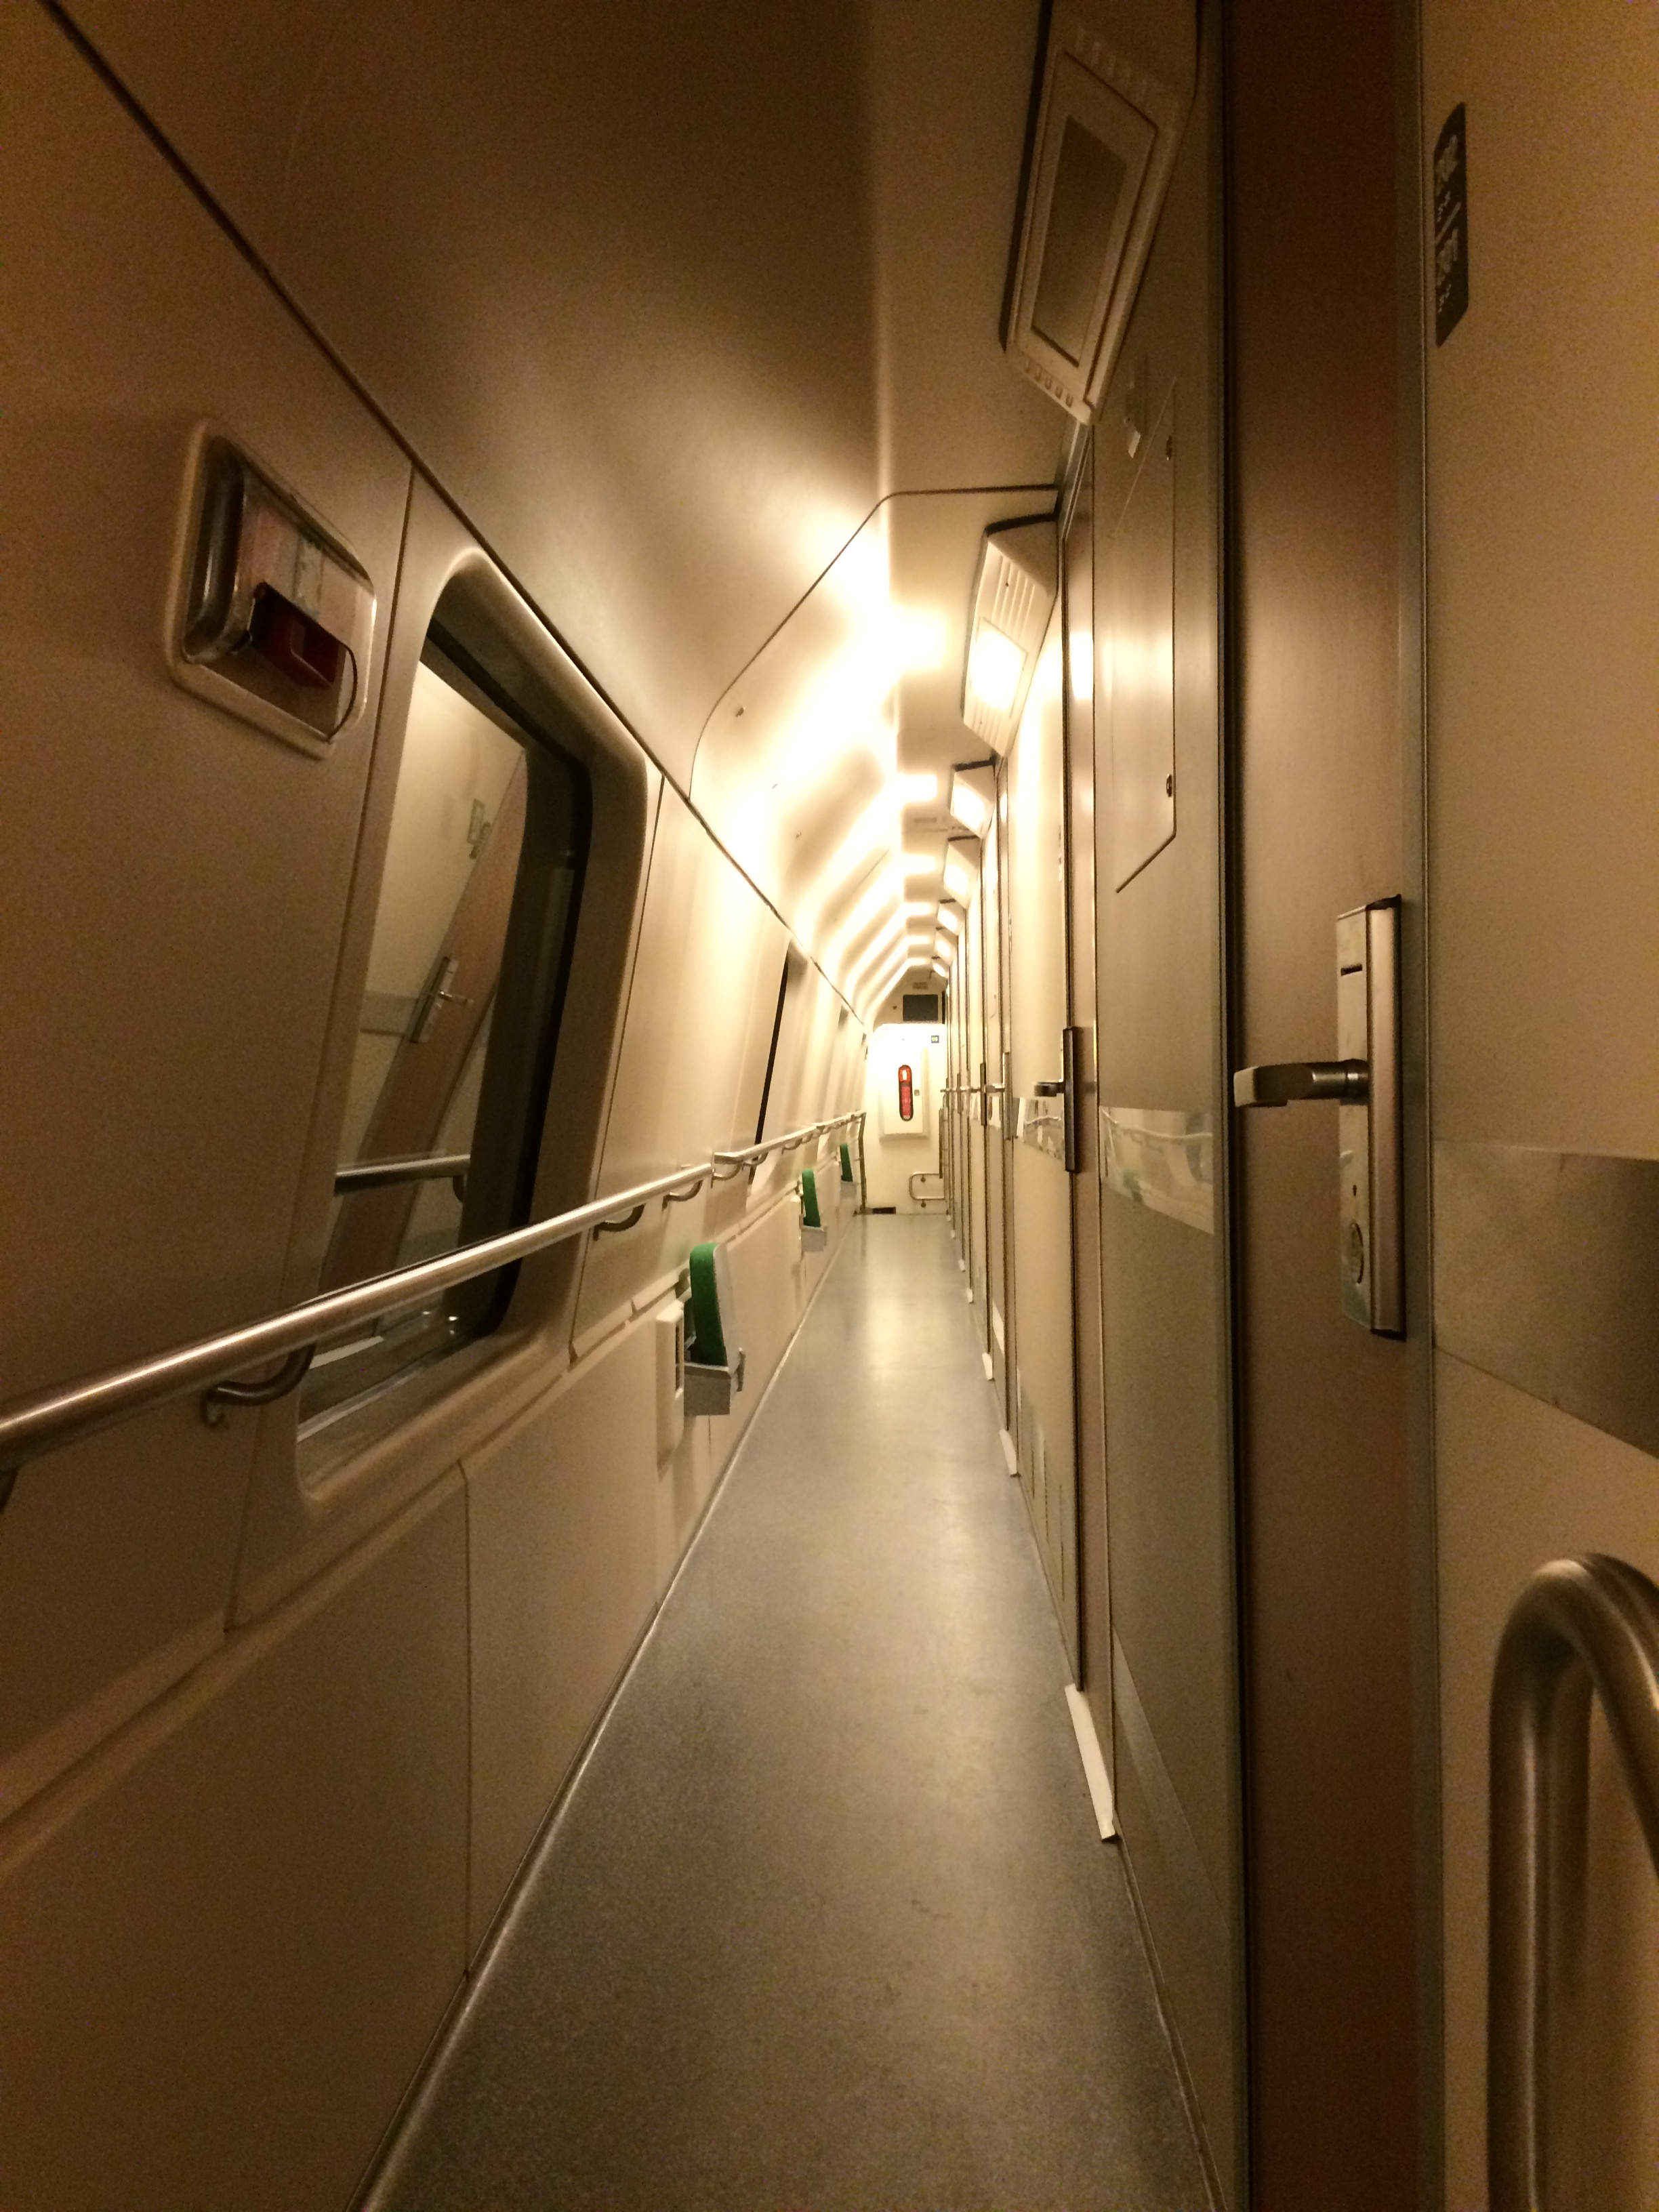 Carriage corridor on the Santa Claus Express